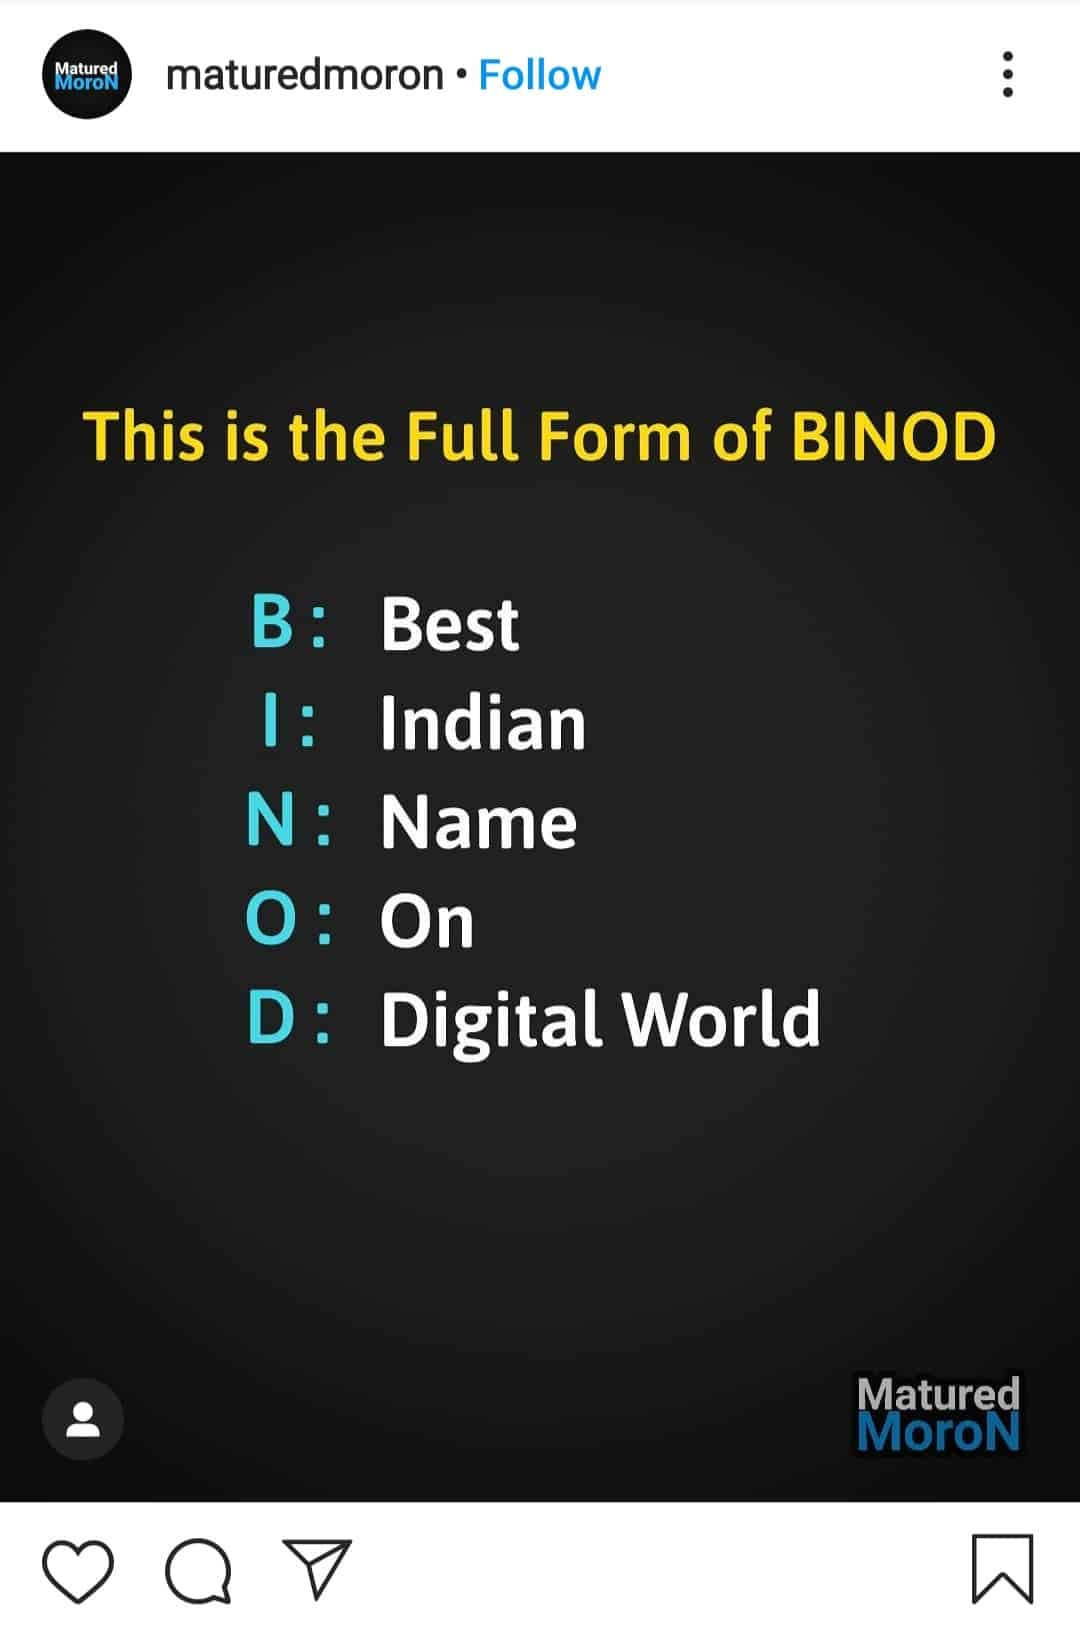 everything is binod(fullform of binod